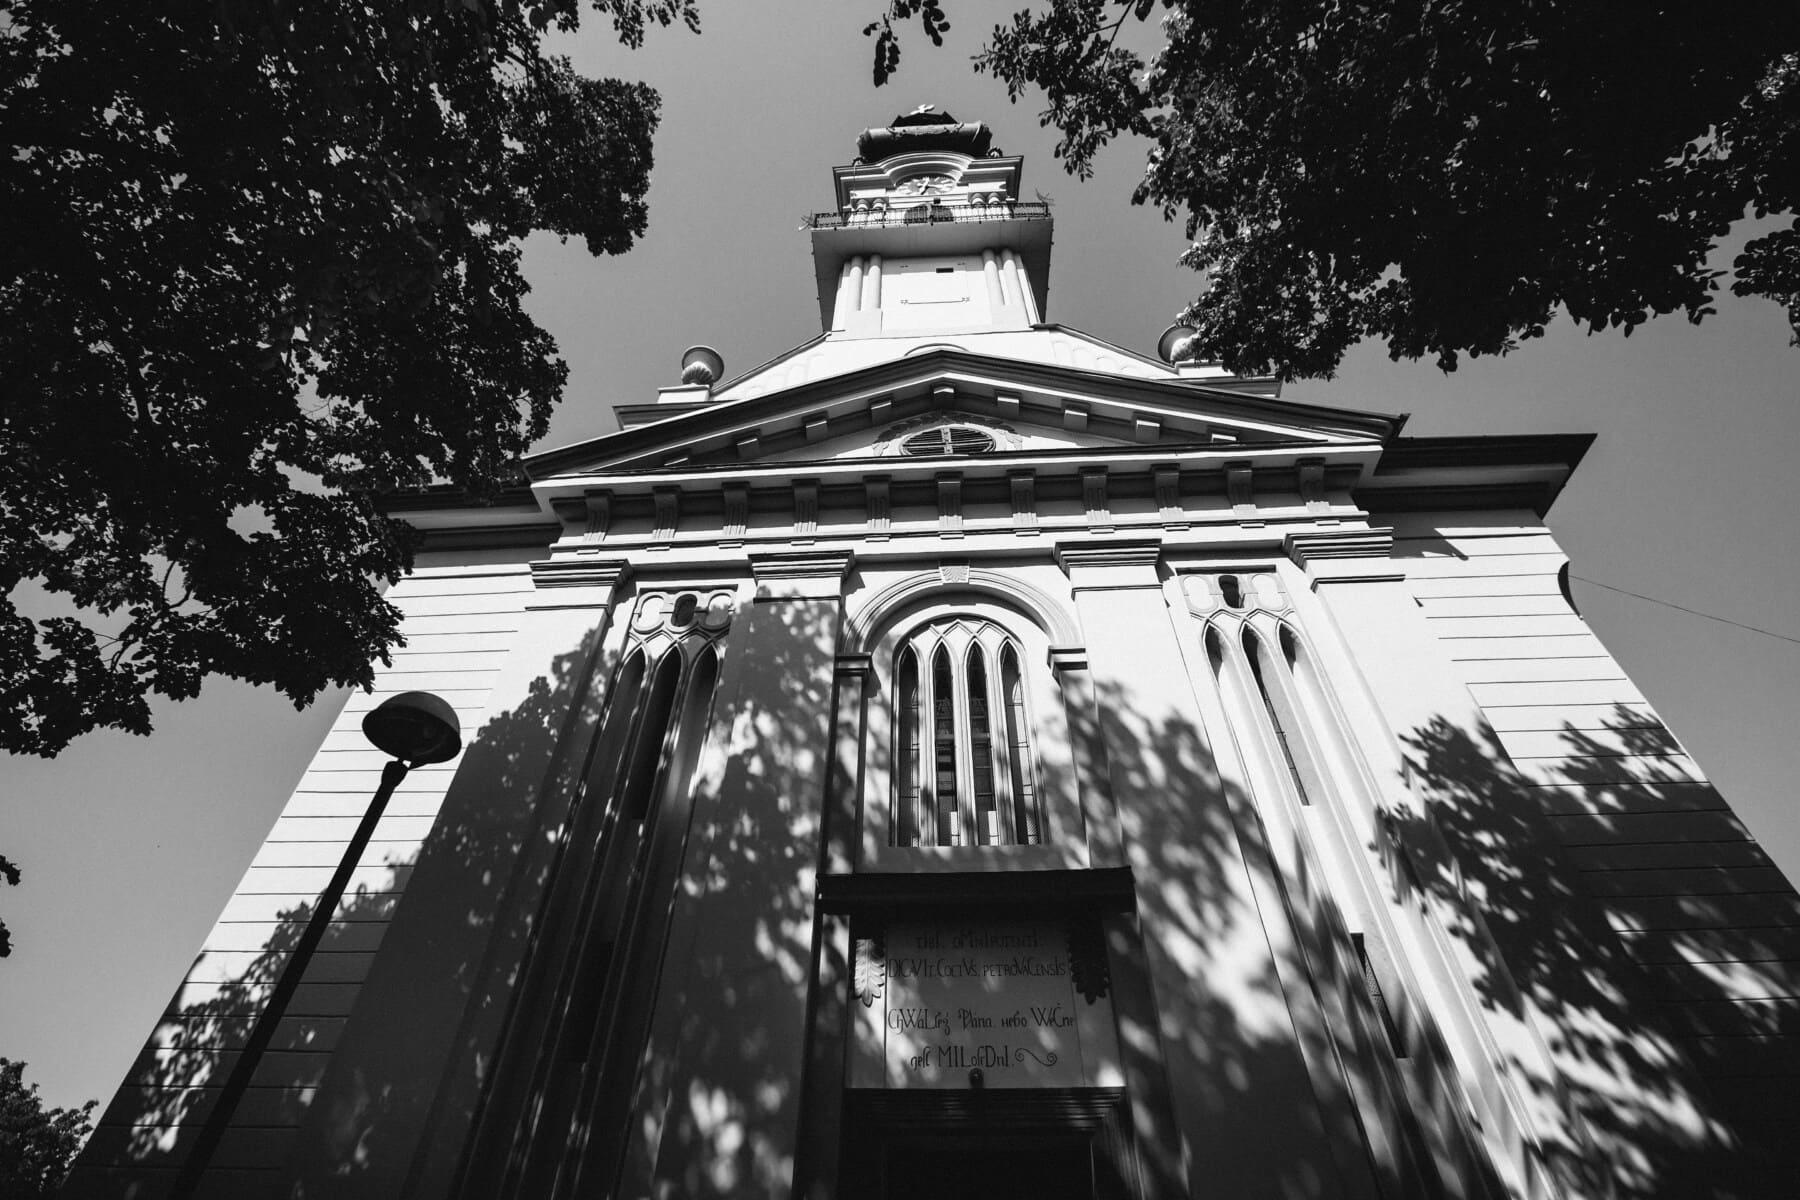 katholische, schwarz und weiß, Kirche, Gebäude, Monochrom, kathedrale, Religion, Architektur, im freien, Stadt